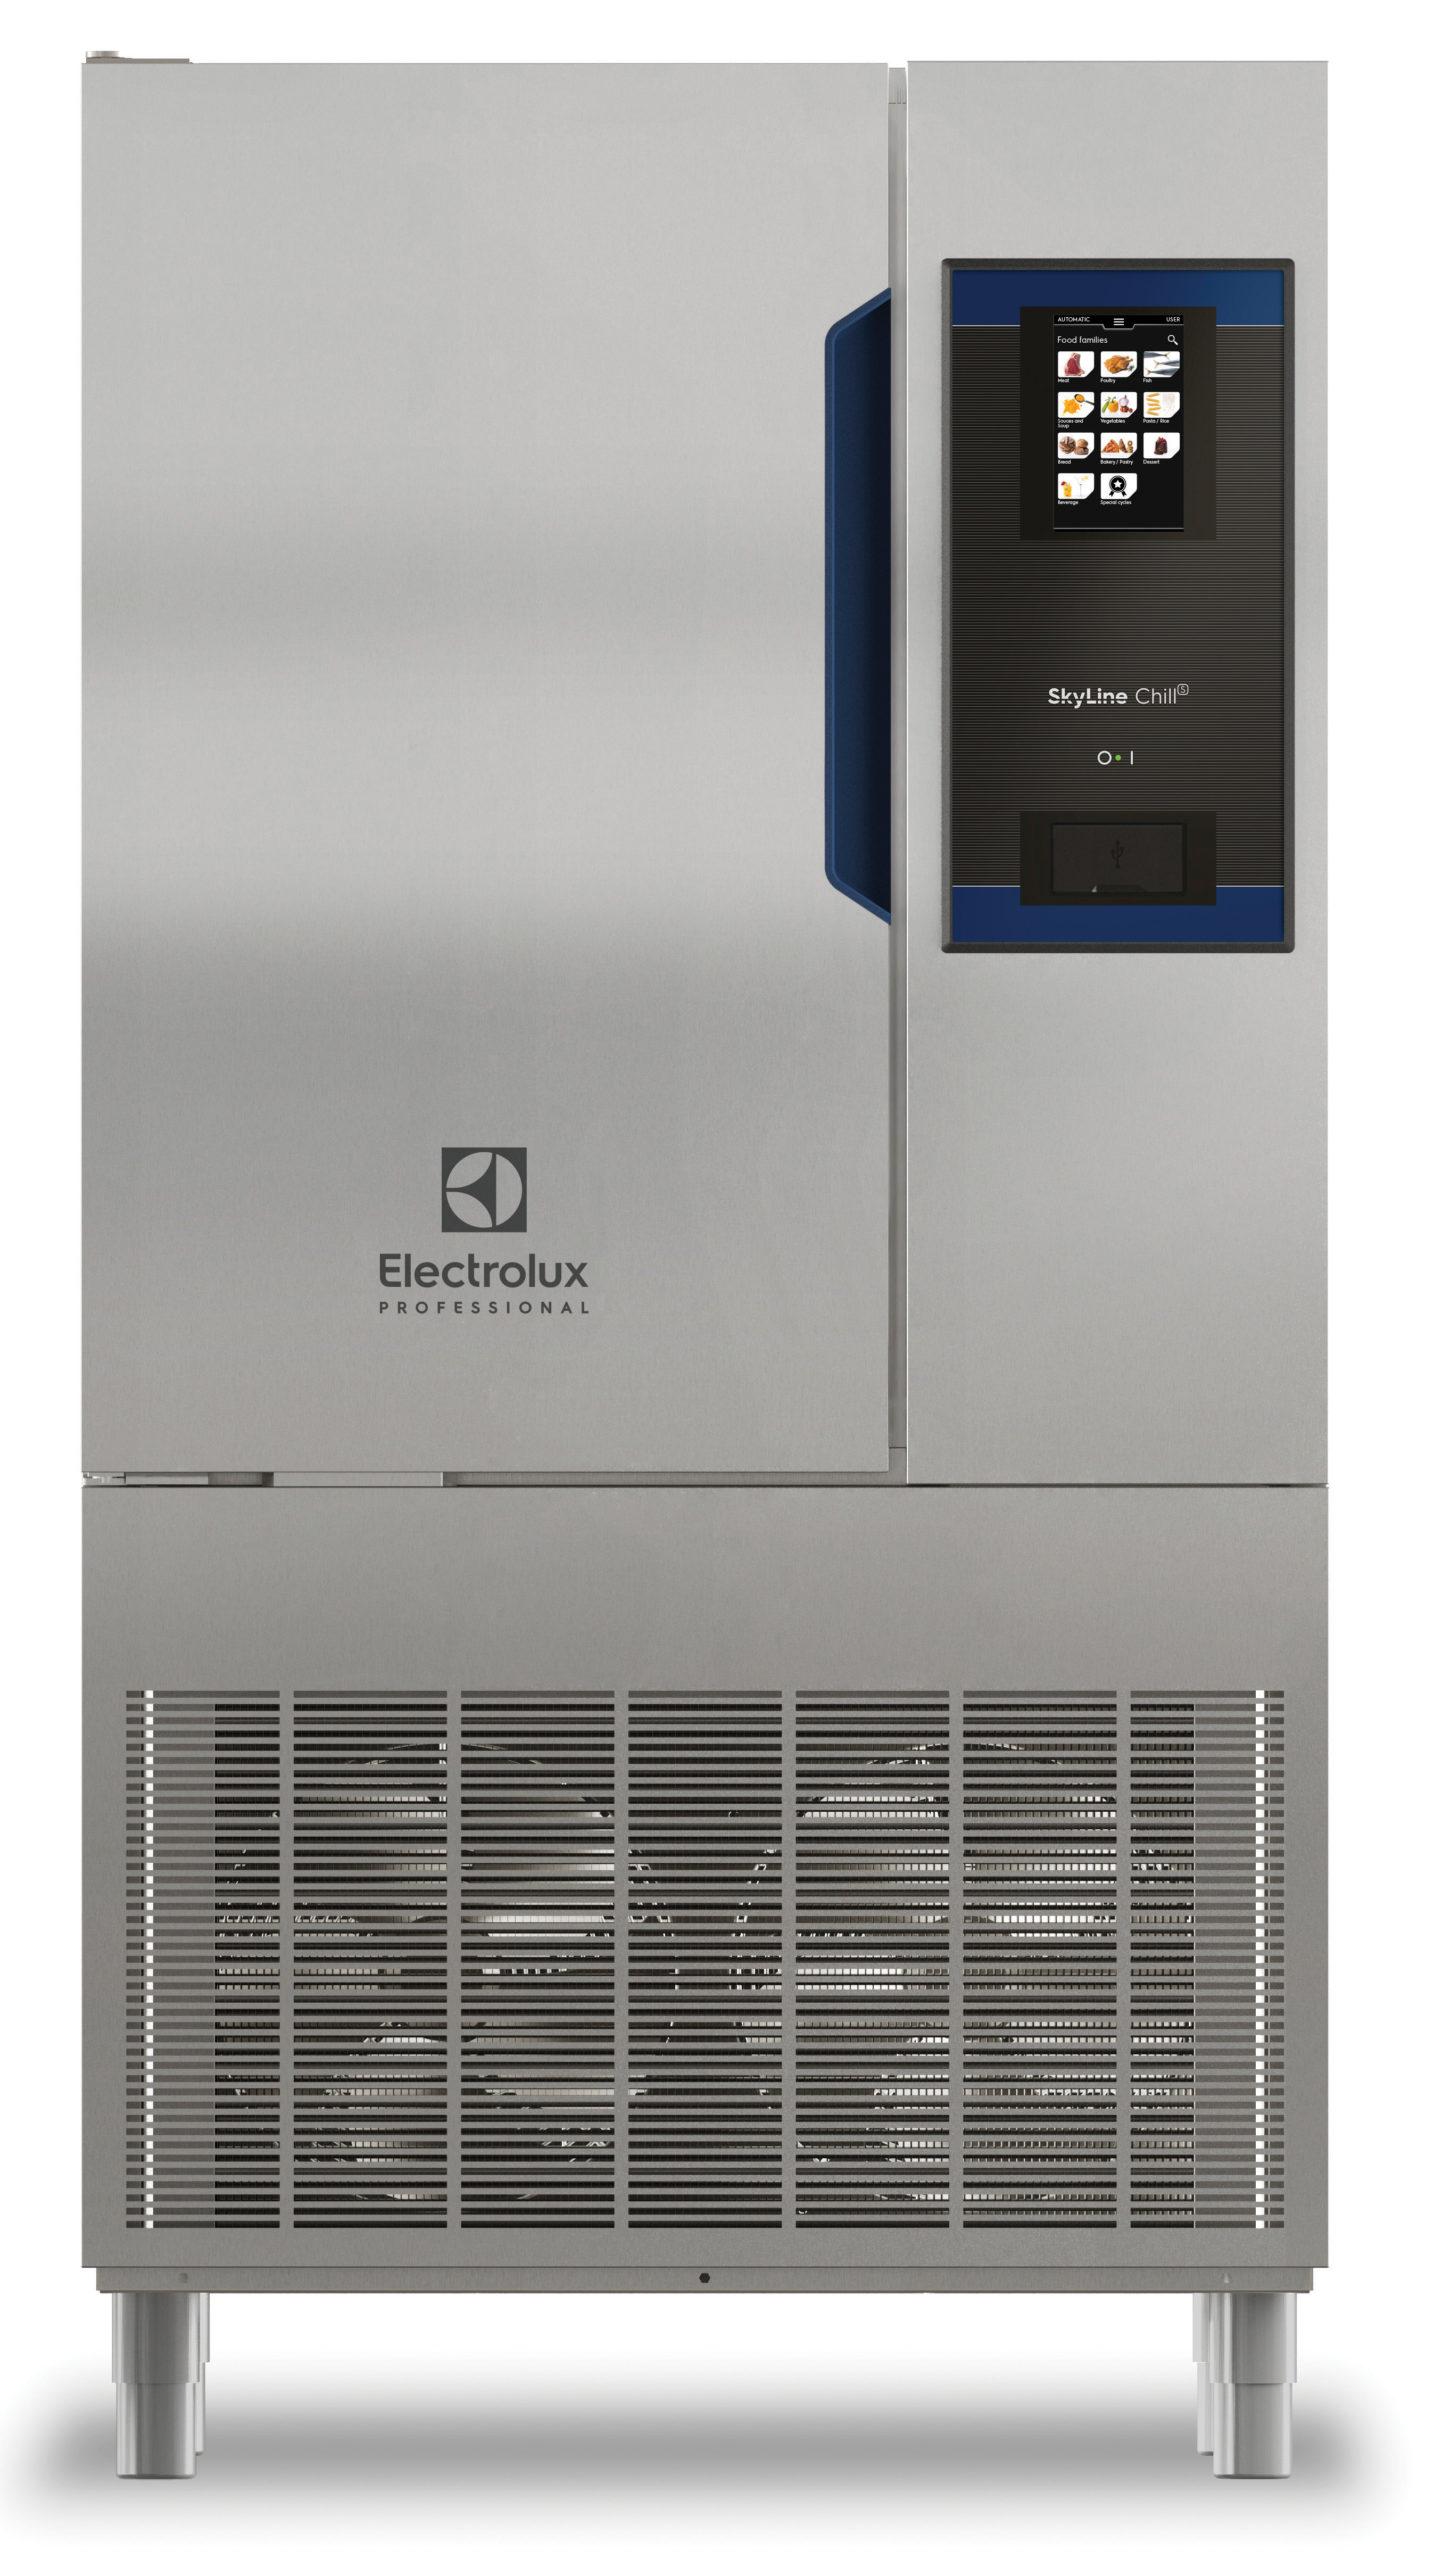 Electrolux SkyLine ChillS blæstkølere 10×1/1GN